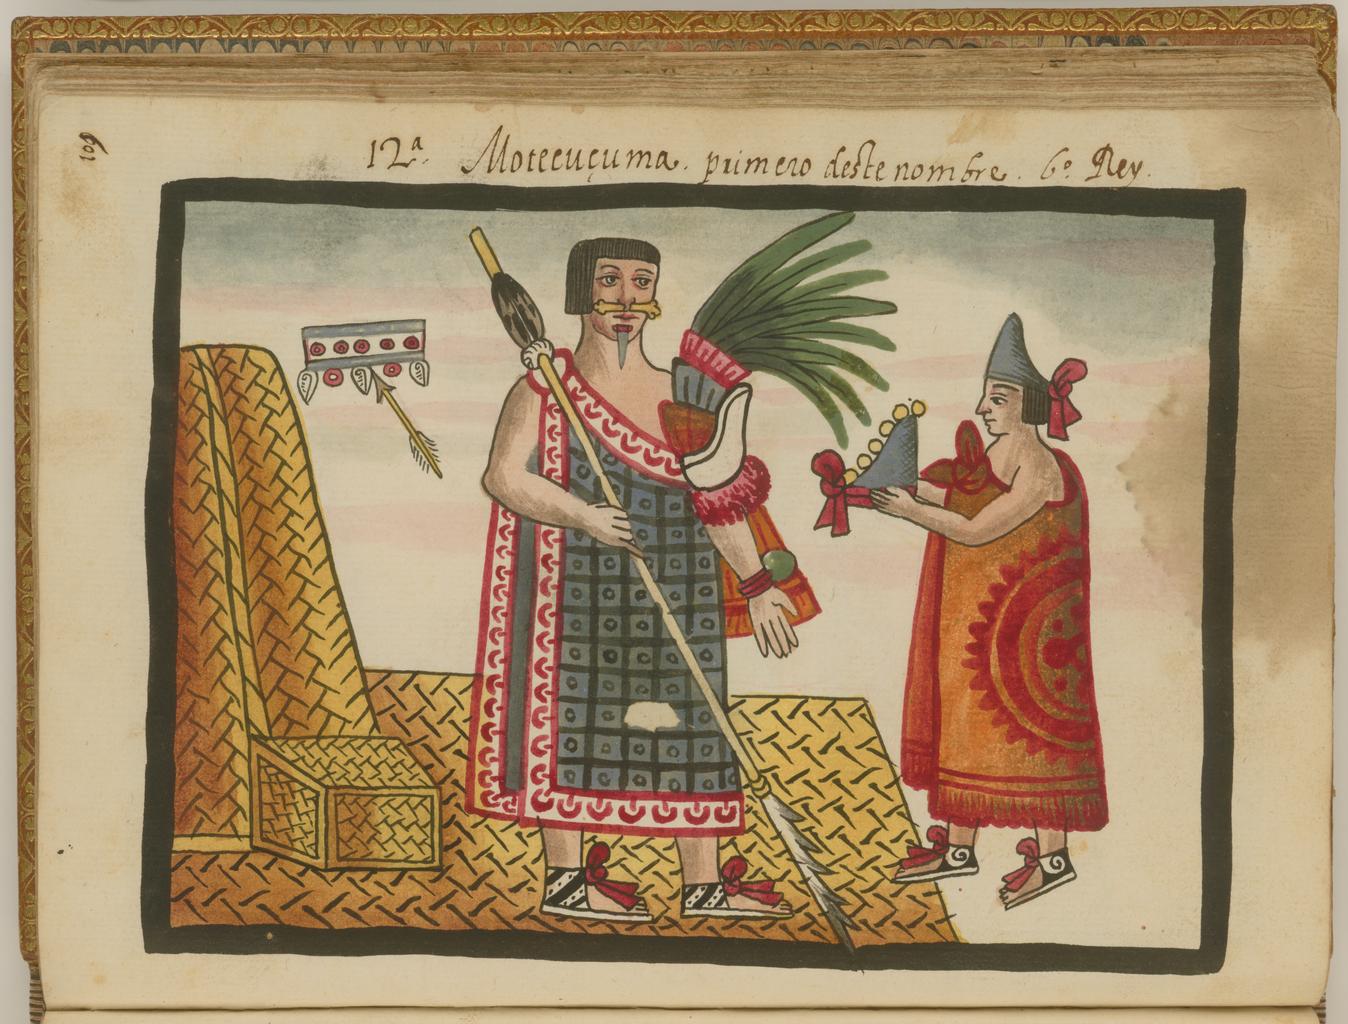 Oda al Chocolate con «El berrinche de Moctezuma» – Calaverita literaria / Códice Tovar.